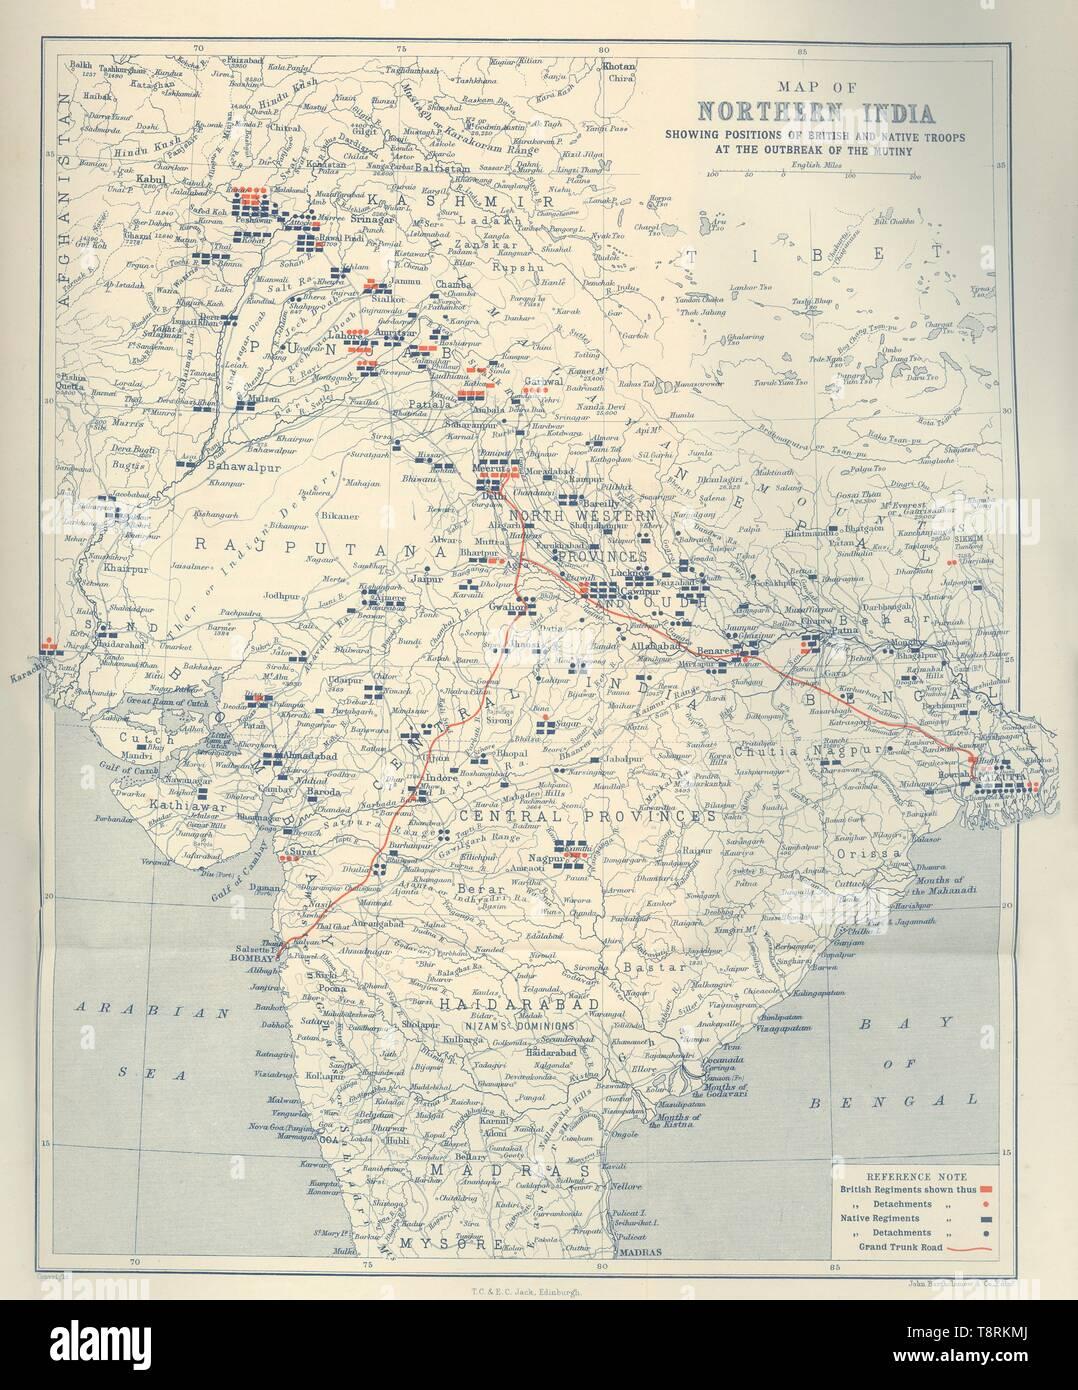 'Map of Northern India', 1901. Creator: John Bartholomew. - Stock Image